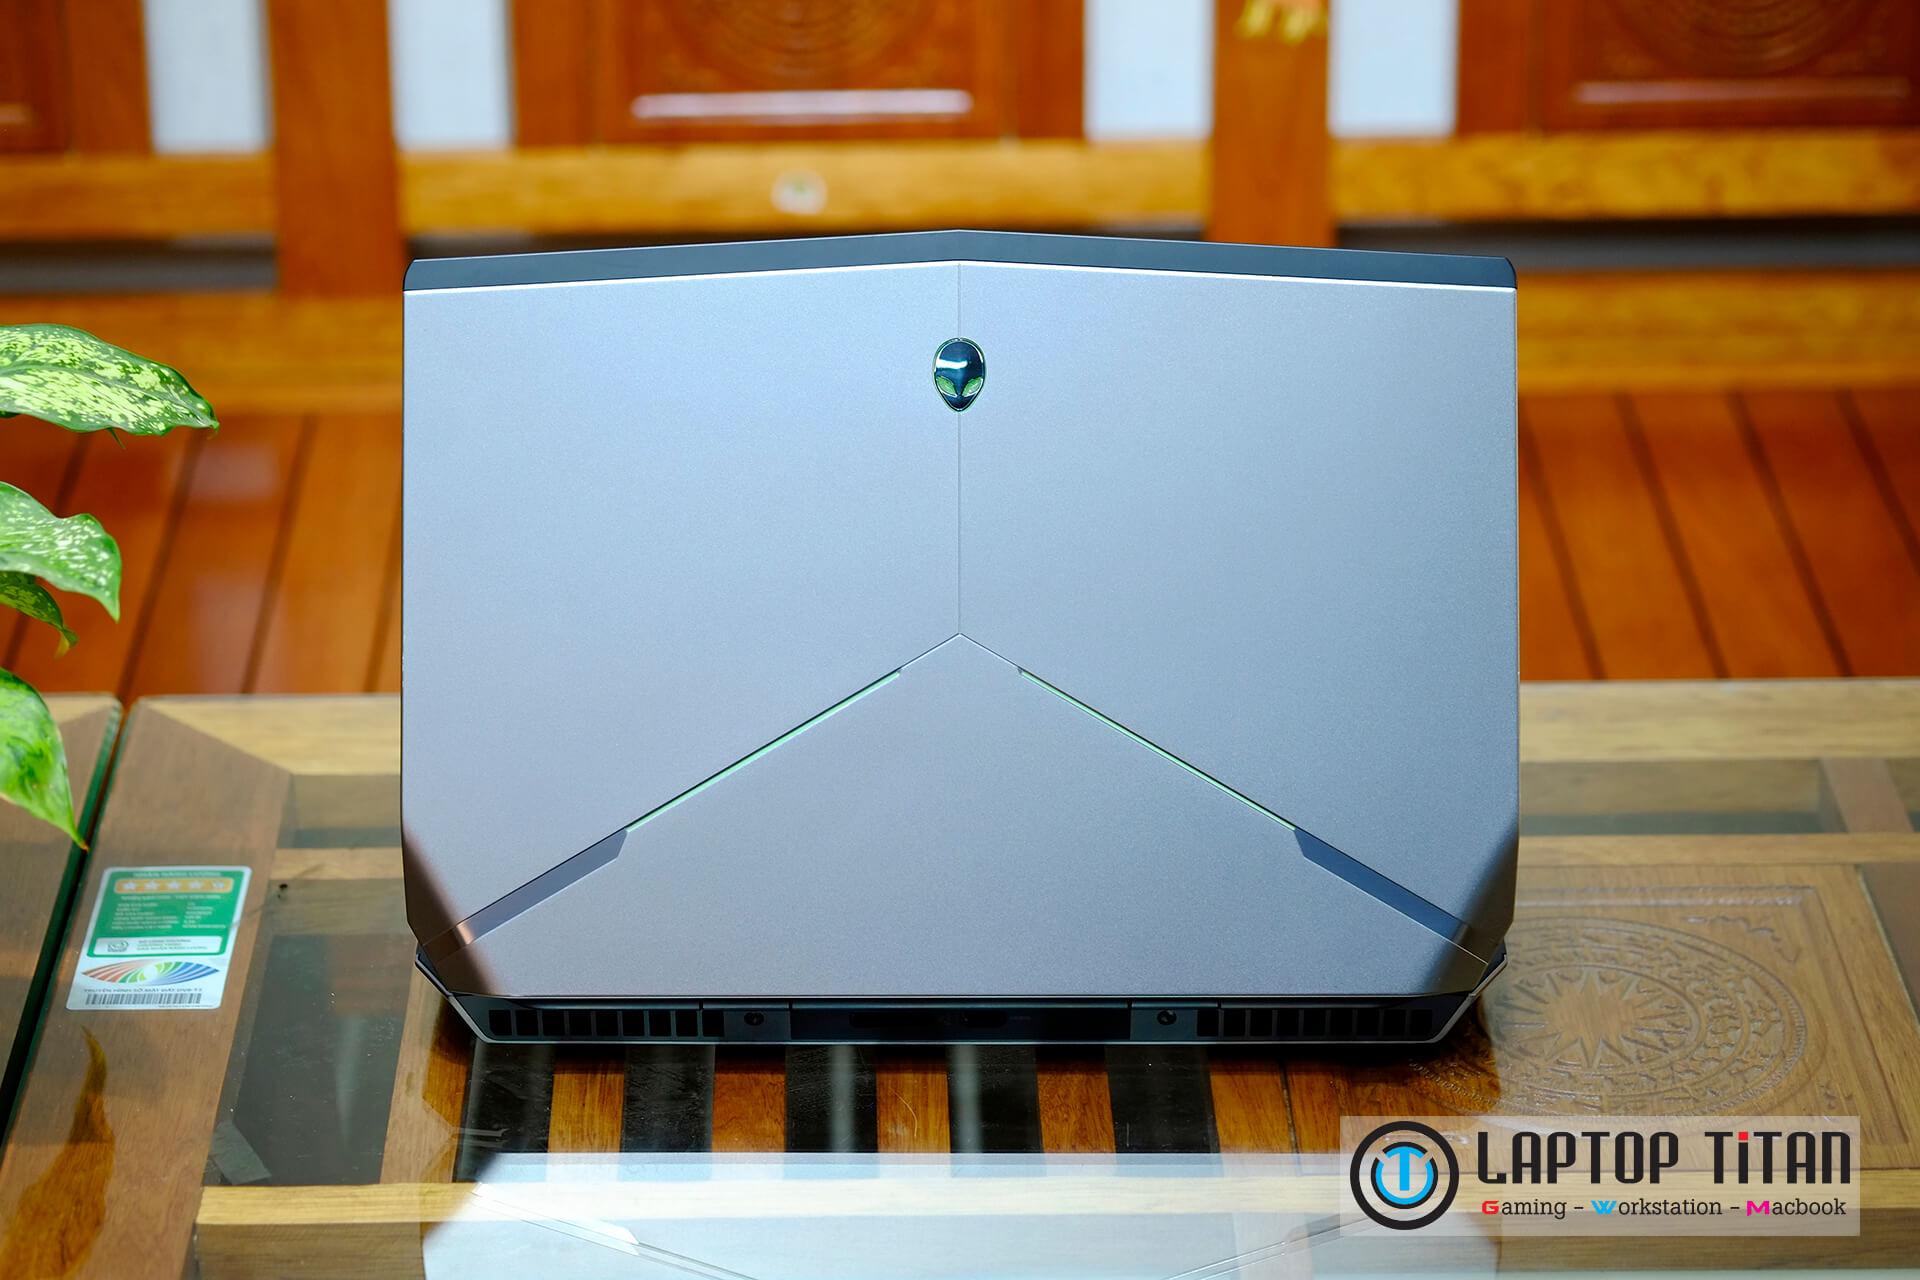 Dell-Alienware-15-R2-5